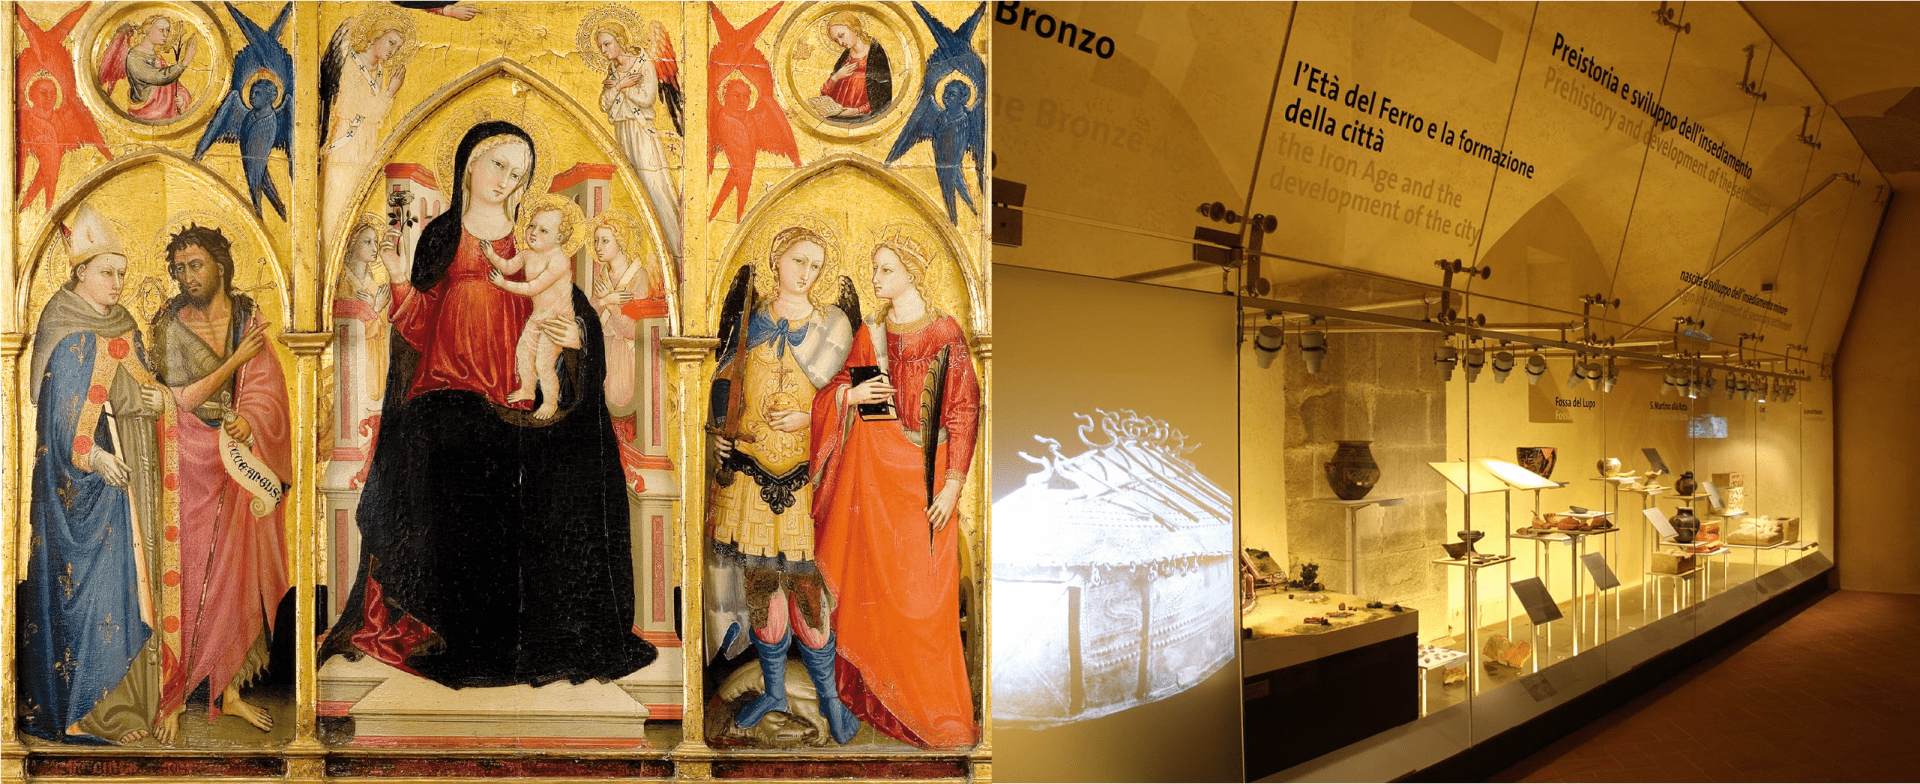 MAEC Cortona, il Trittico con Madonna con Bambino e Santi di Bicci di Lorenzo ed un momento del percorso di visita del Museo